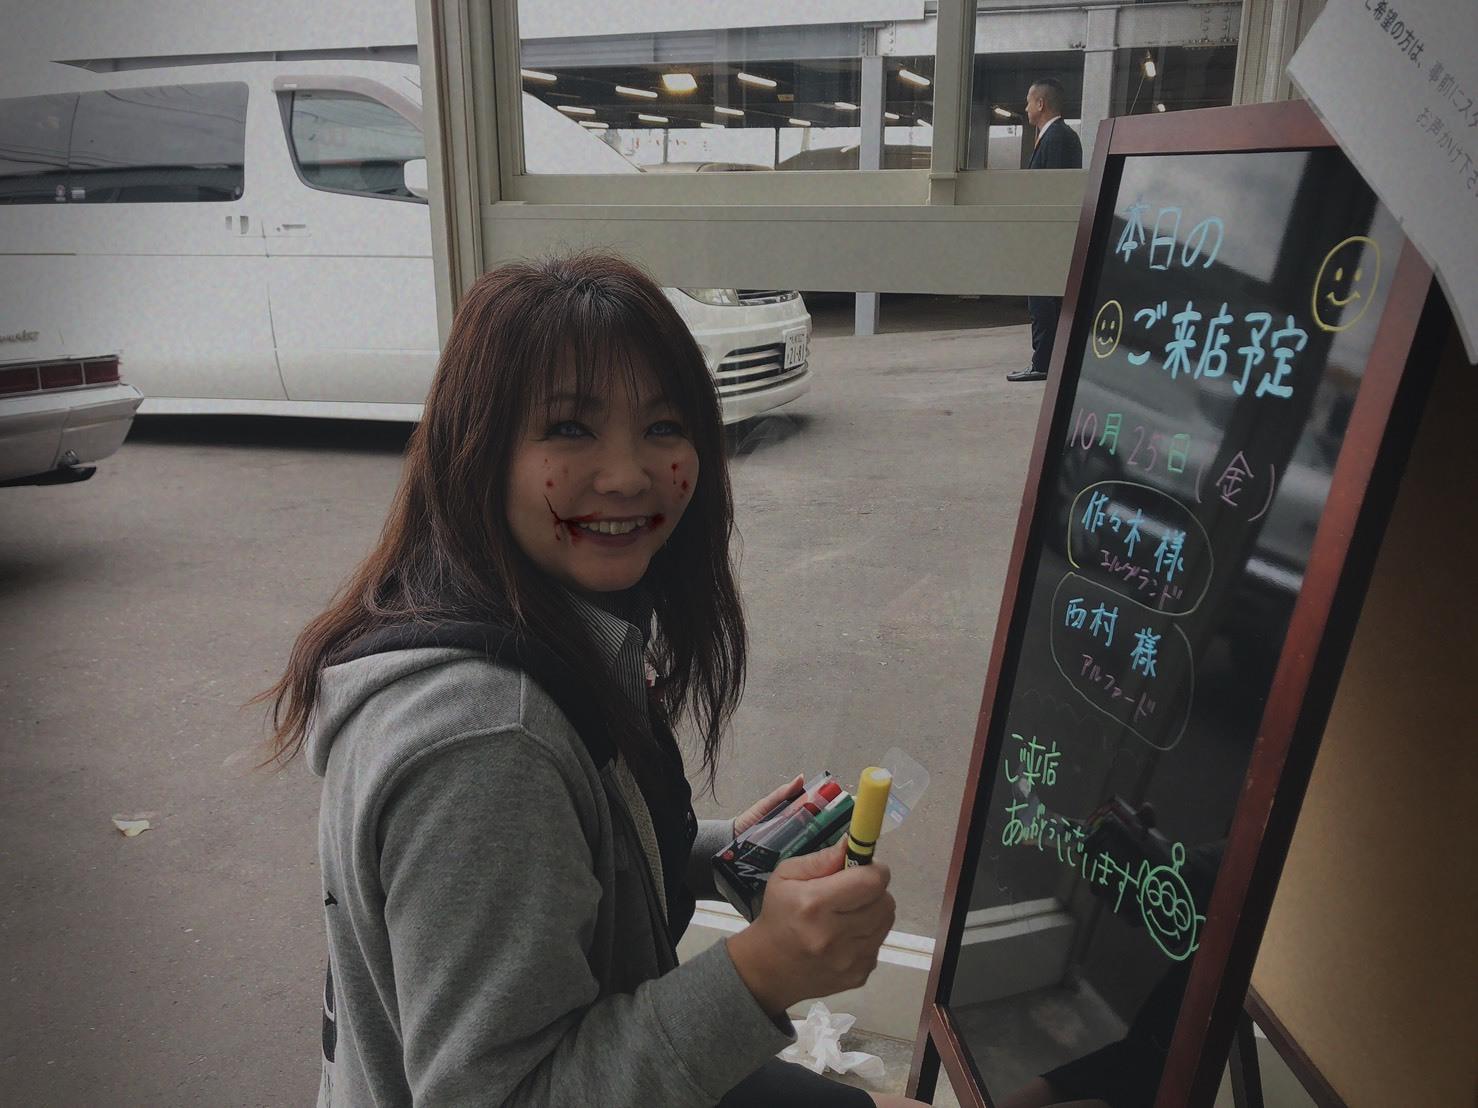 10月25日(金) アルファード入庫しました!!本店ブログ☆彡 ランクル ハマー アルファード♪ _b0127002_20073505.jpg